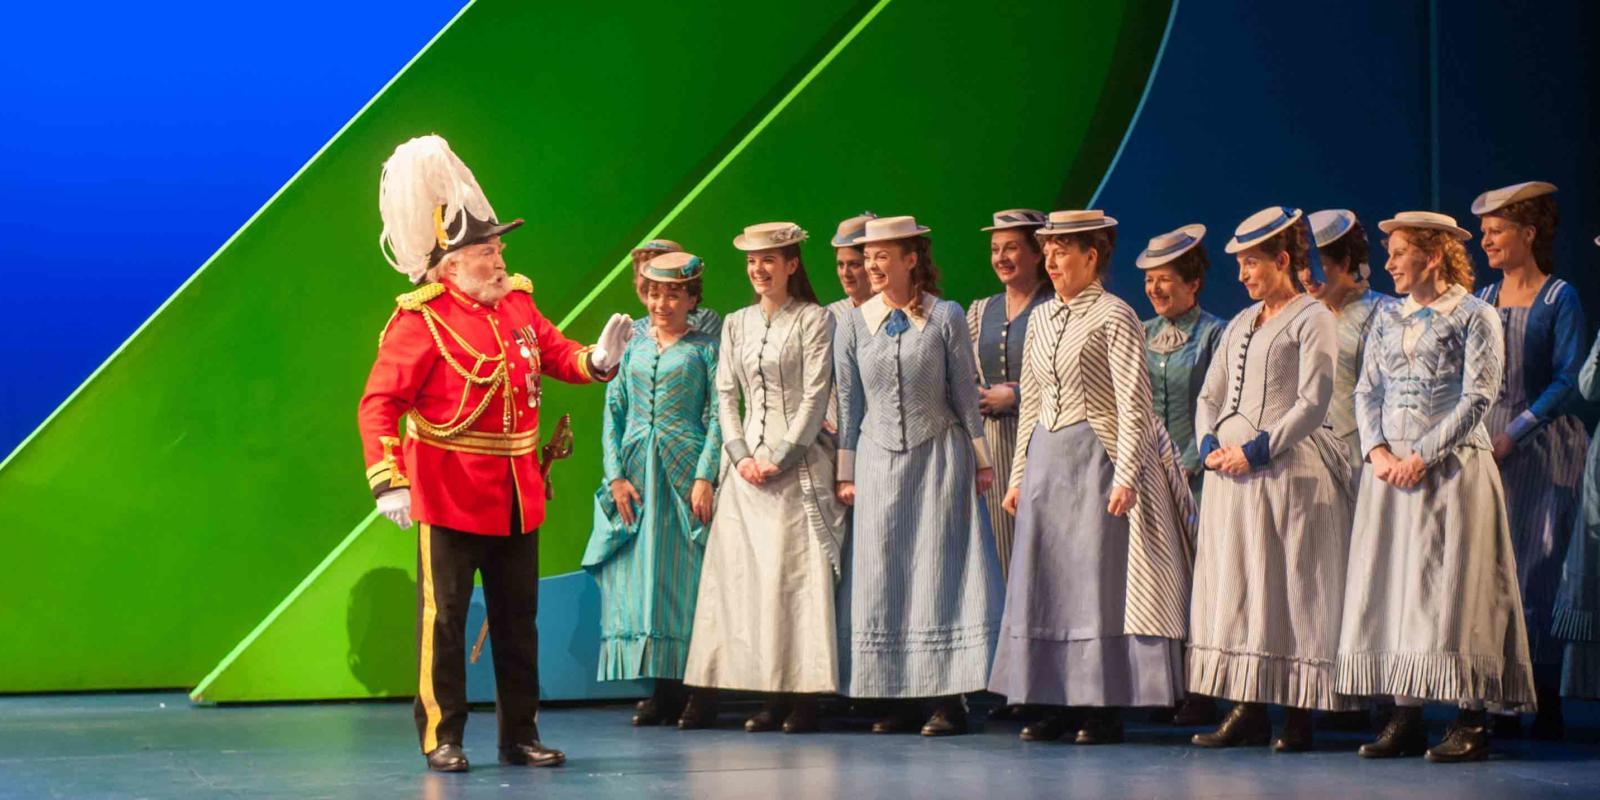 ENO's The Pirates of Penzance - David Shore as the Major-General, Soraya Mafi as Mabel, Katie Coventry as Edith, Angharad Lyddon as Kate and ENO Chorus. Photo by Tom Bowles